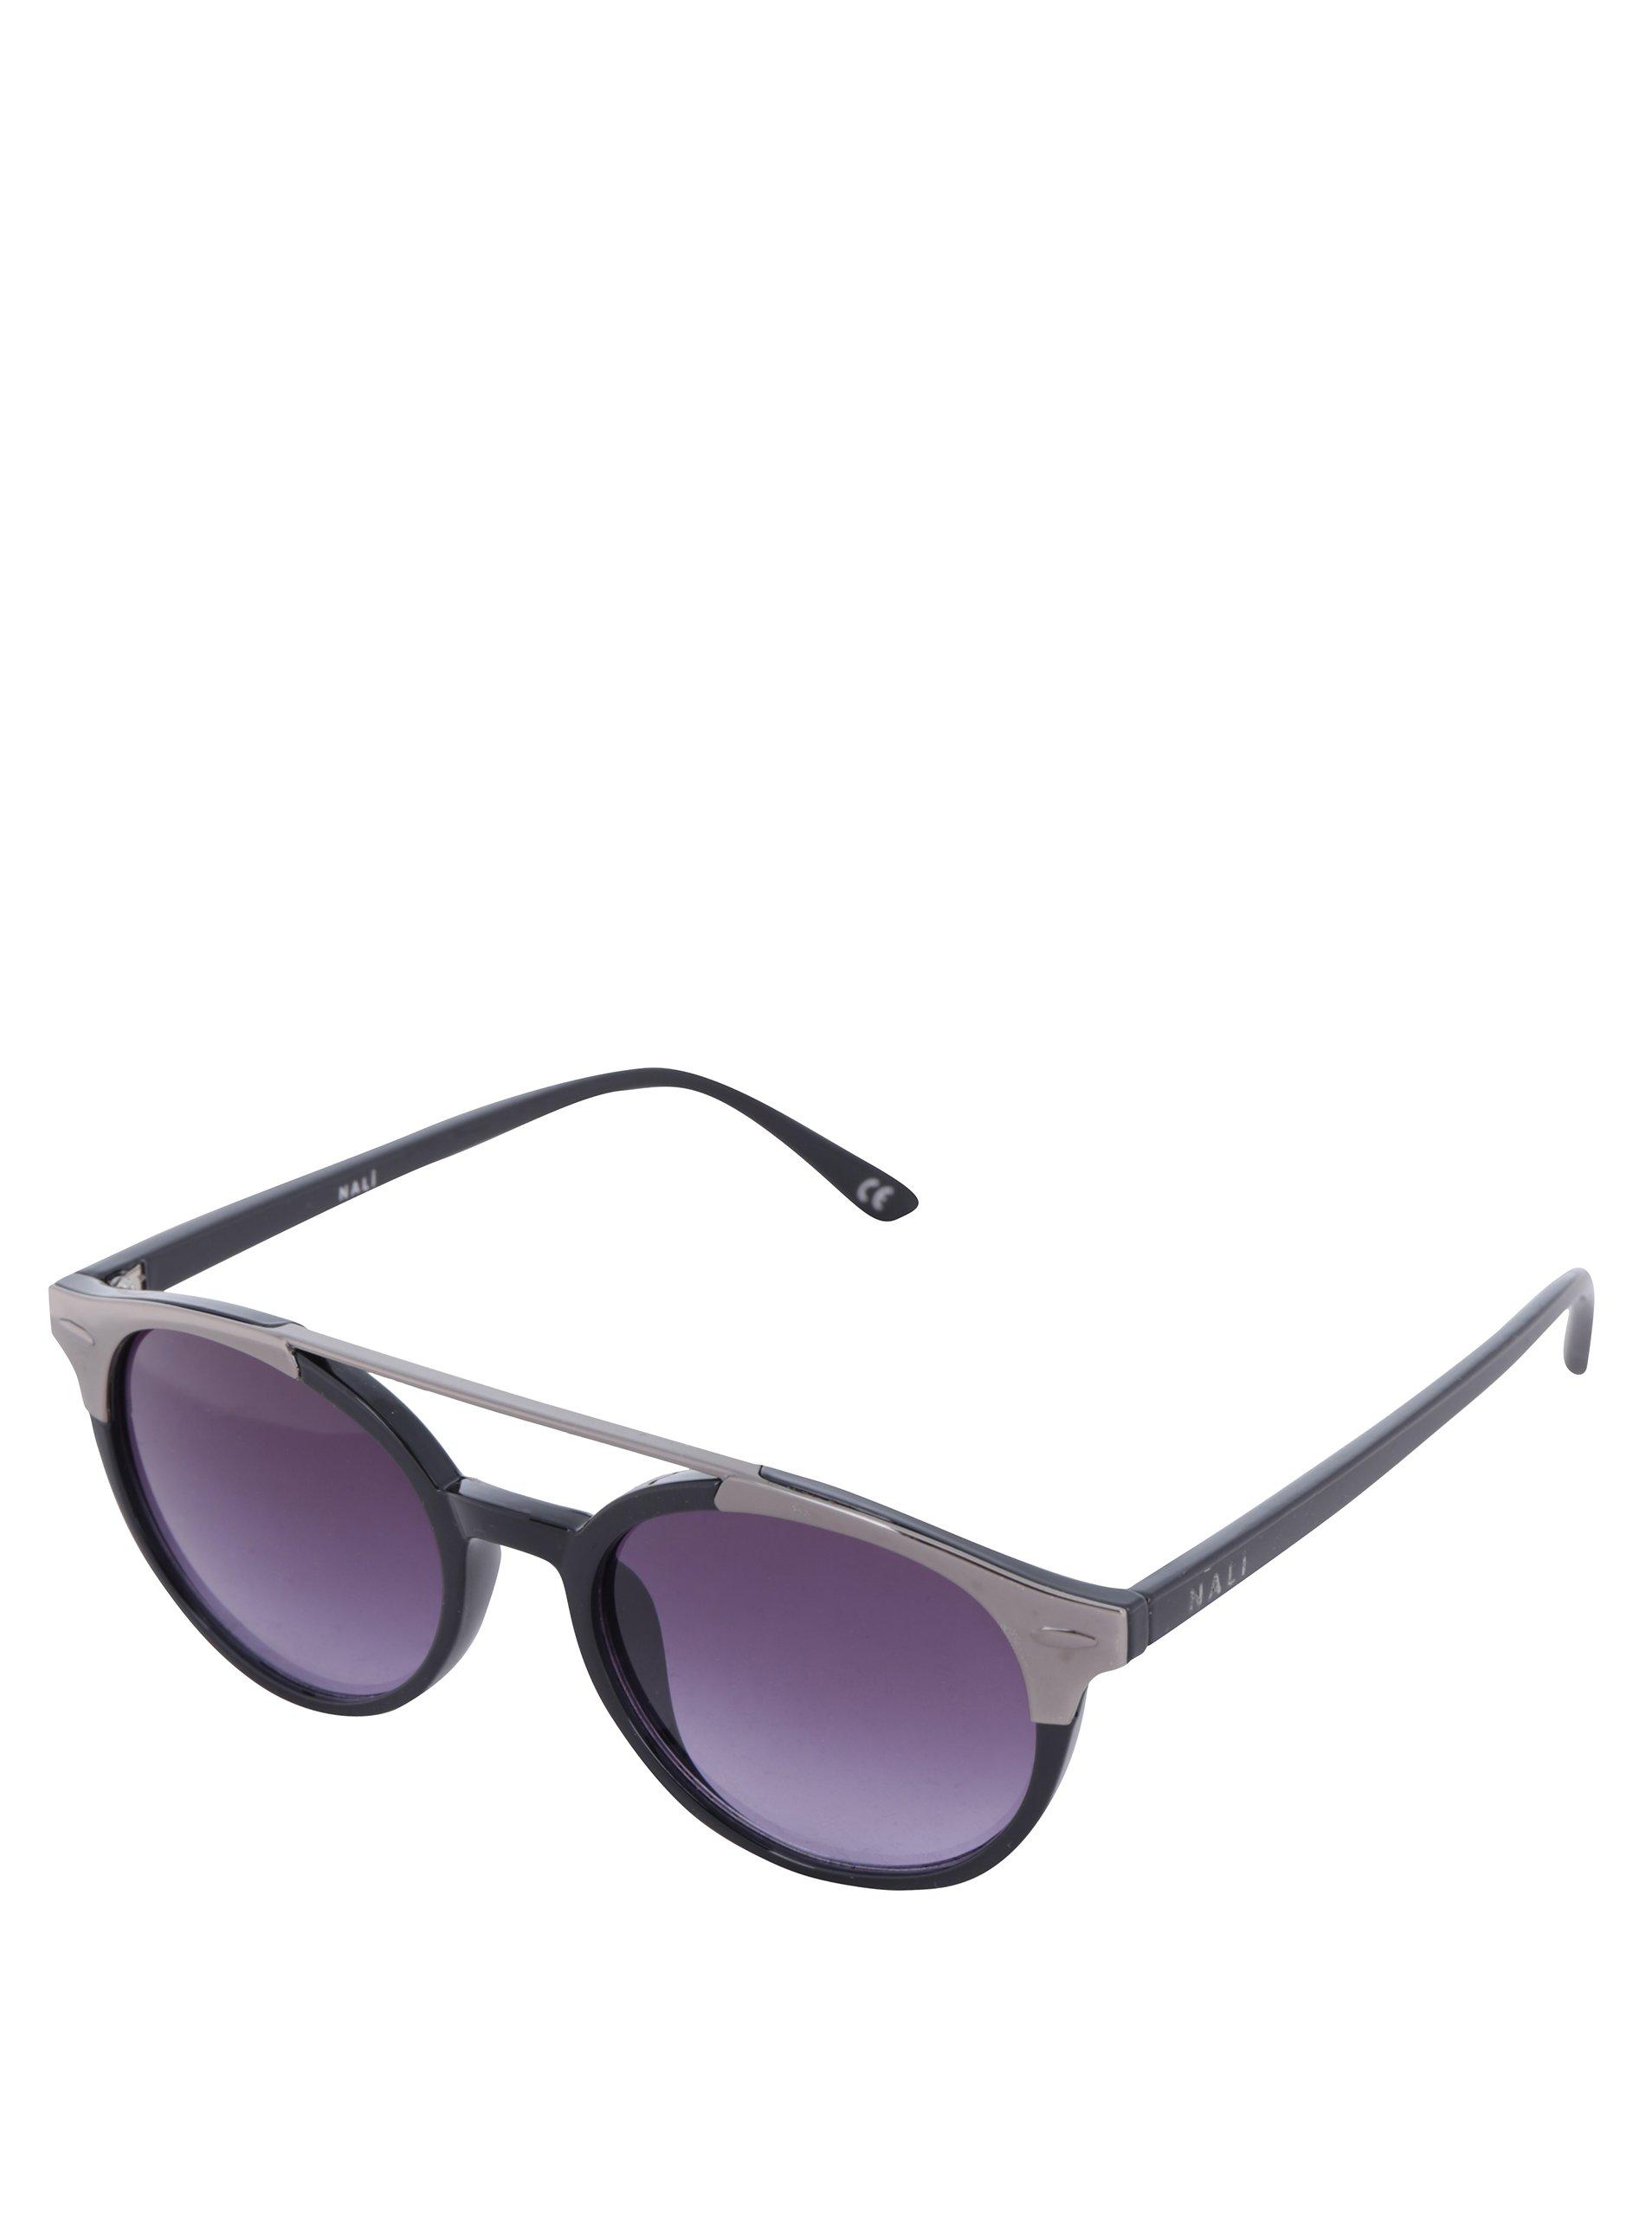 Černé dámské sluneční brýle Nalí